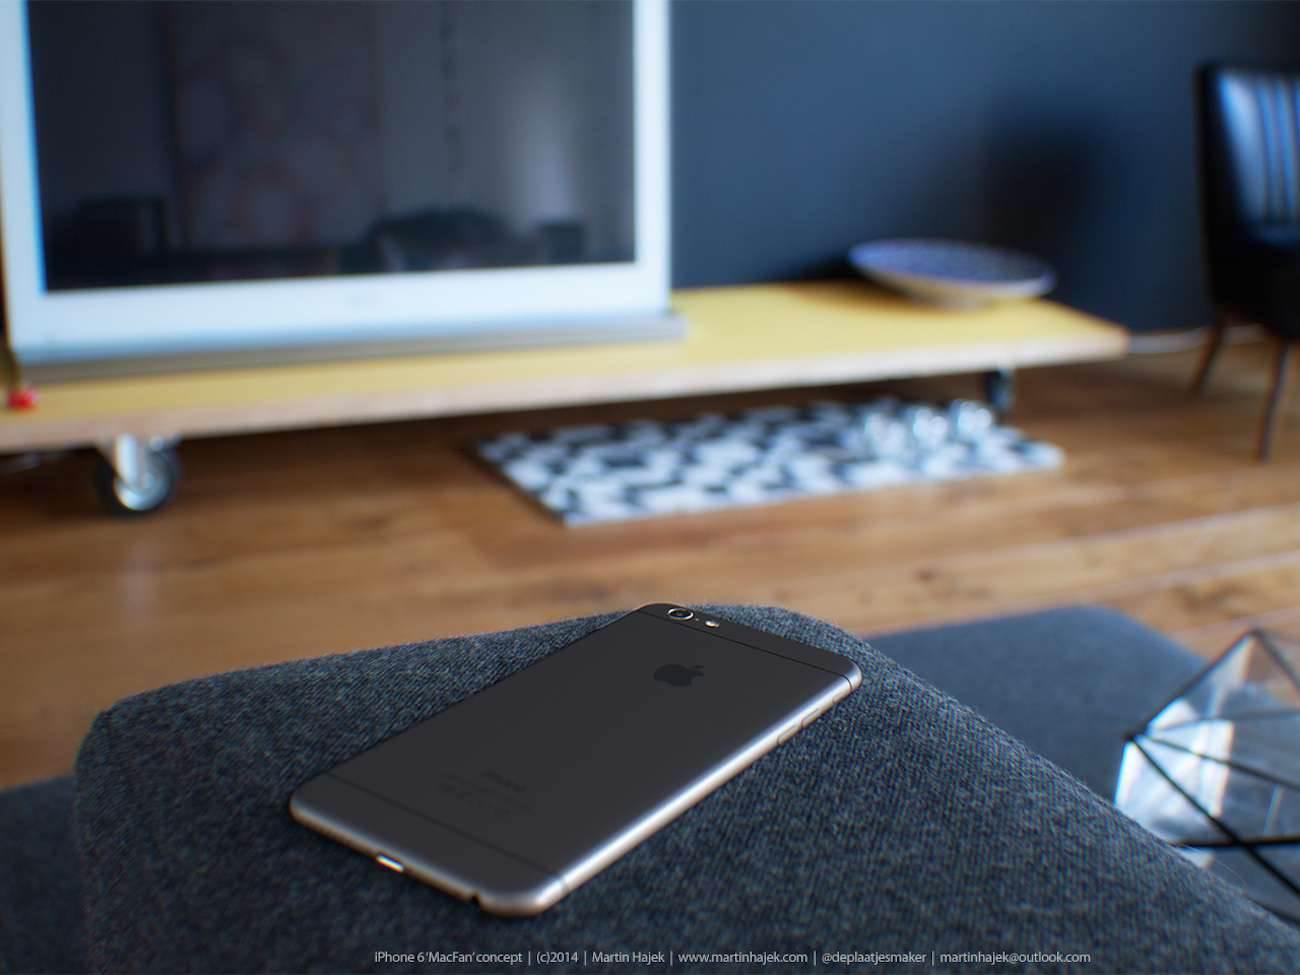 iPhone 6 i bardzo interesujący koncept Martina Hajek'a ciekawostki Zdjęcia iPhone 6, Wizja, Nowy iPhone 6, koncept, jak będzie wyglądał nowy iPhone 6, iPhone6, iPhone Air, iPhone 6, iPhone, Apple  Pamiętacie jak kilka dni temu umieściliśmy na stronie zdjęcia rzekomej obudowy nowego iPhone'a 6? iP621